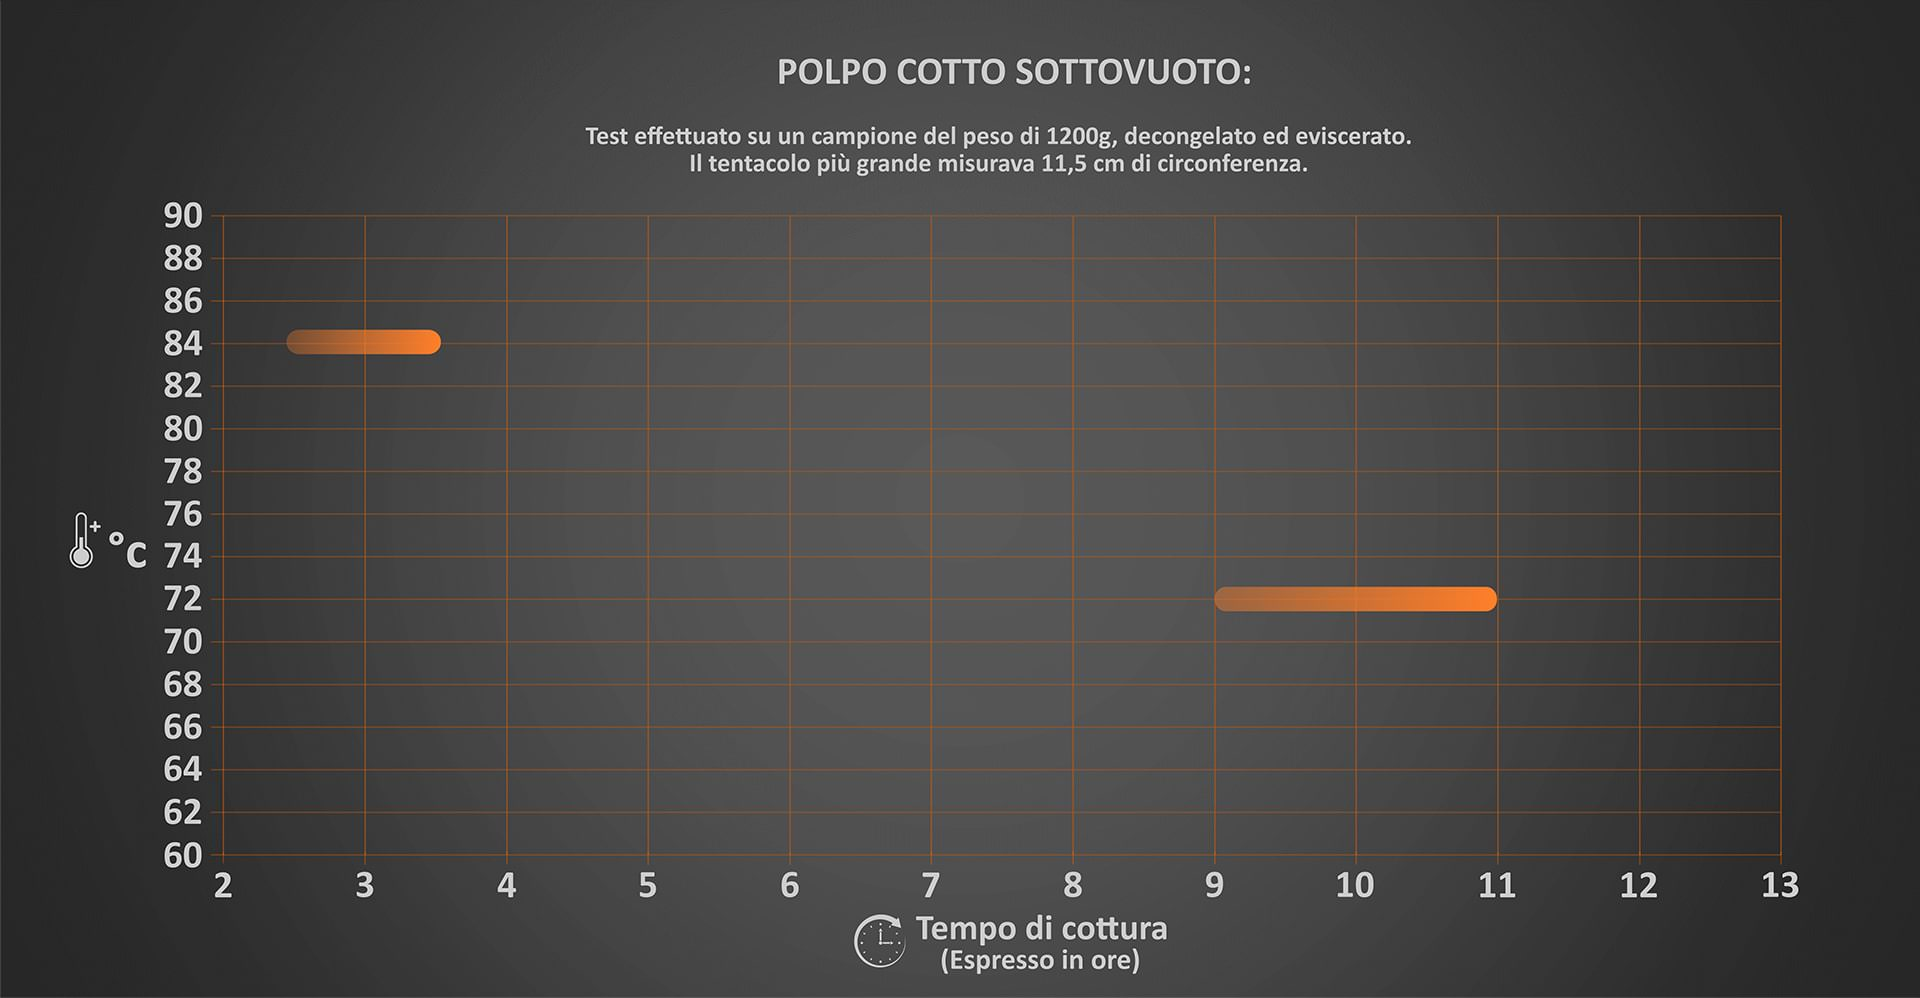 Grafico delle temperature di cottura polpo sottovuoto